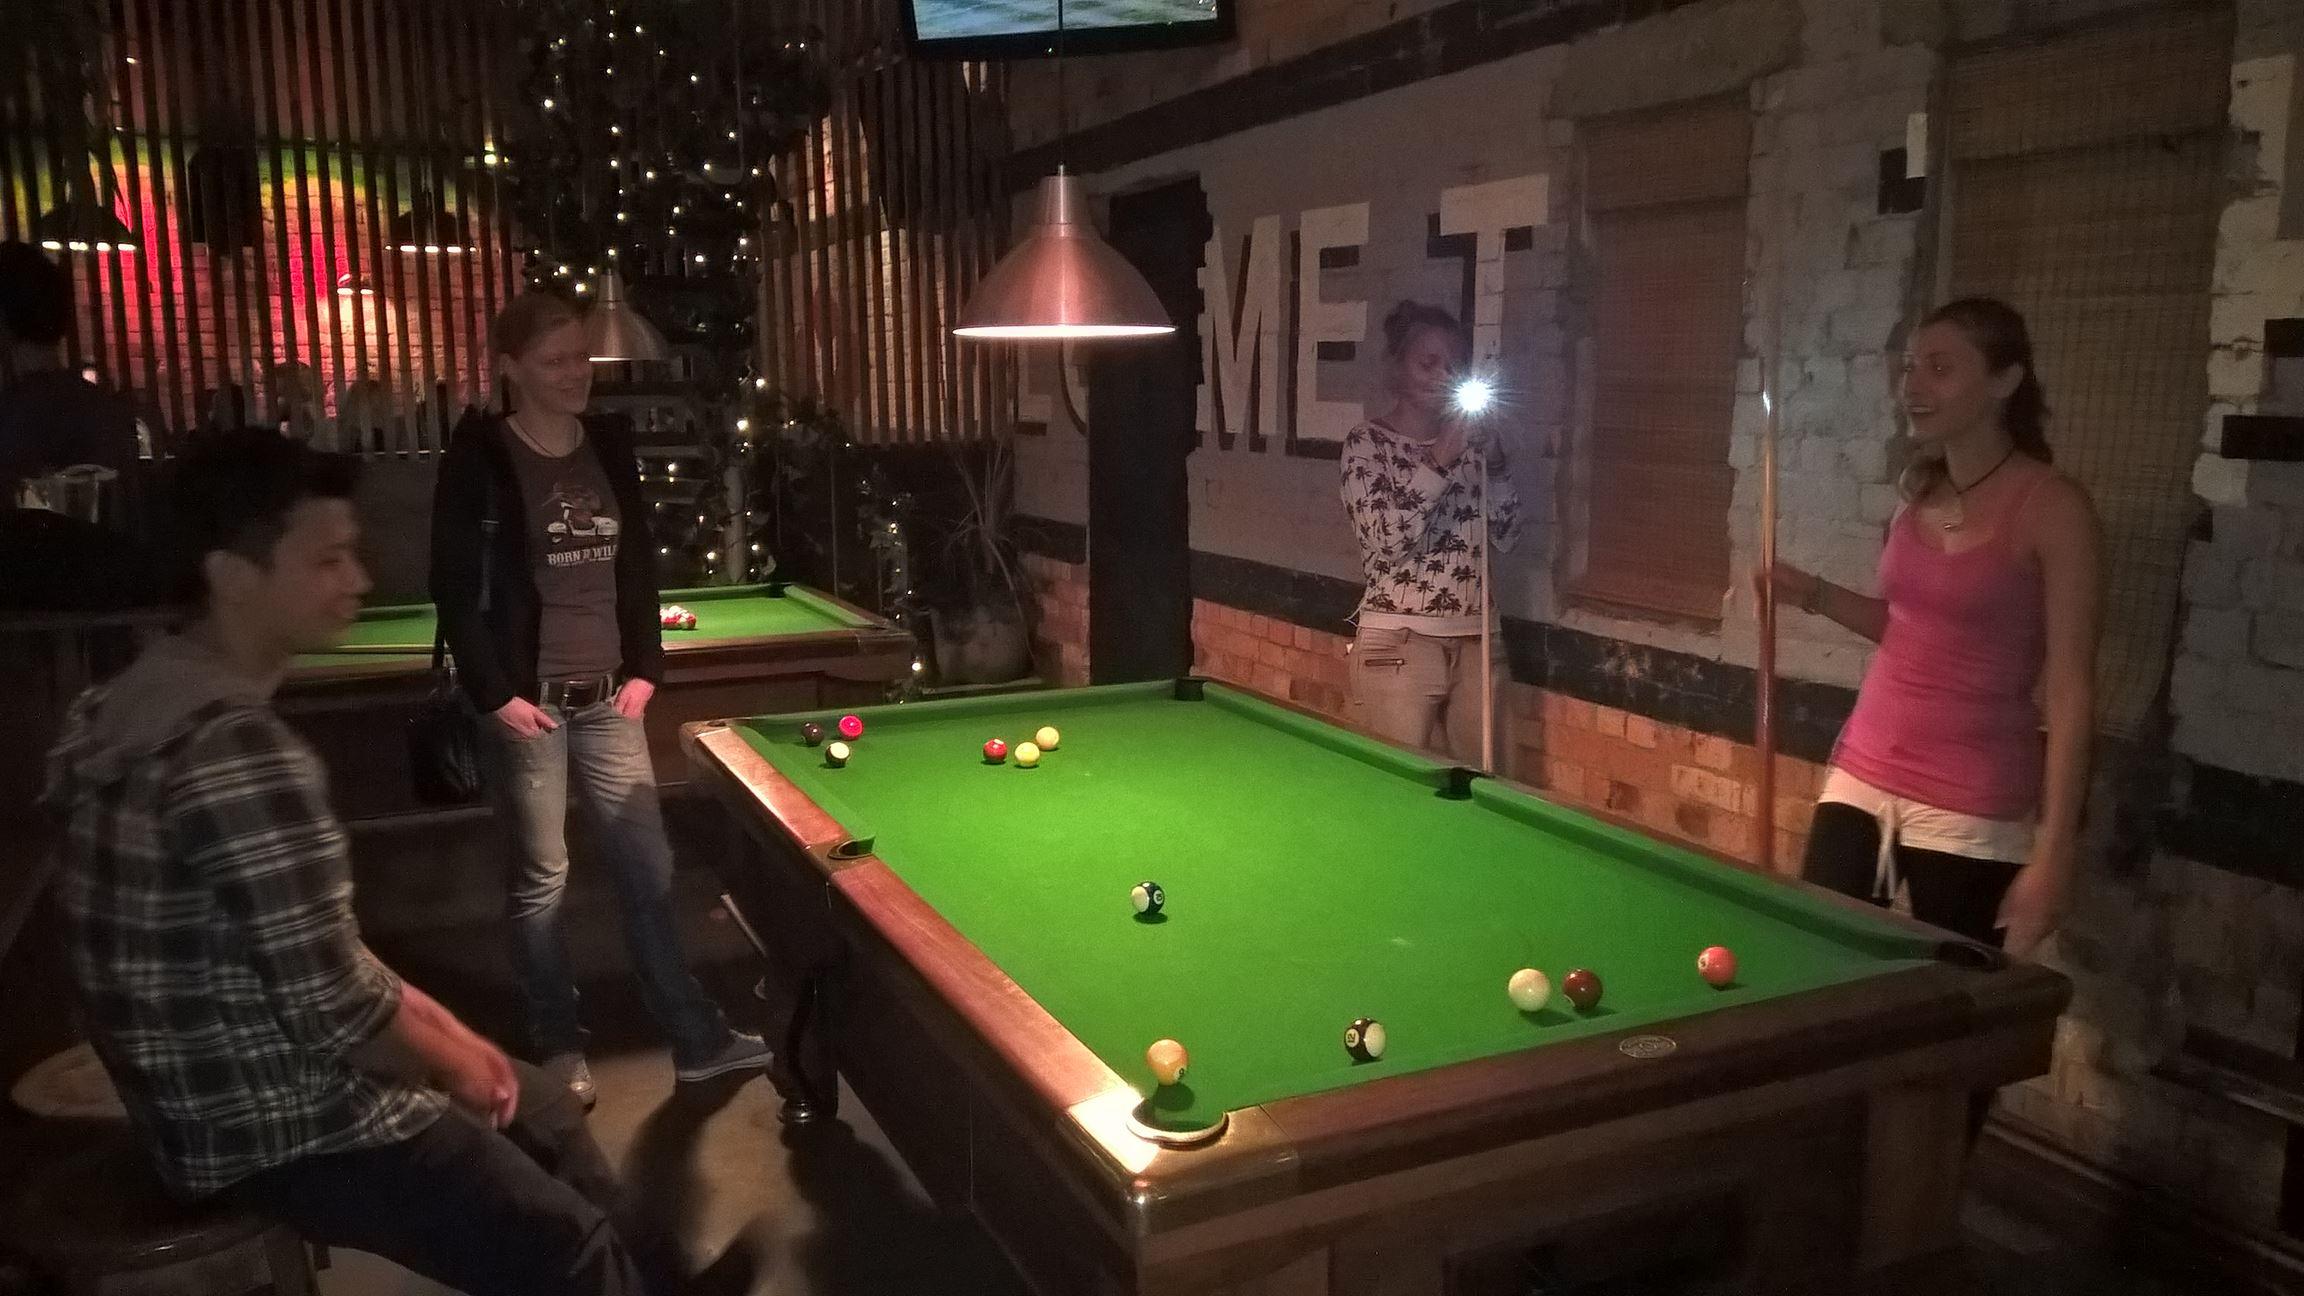 Abschied nehmen bei einer Runde Billiard